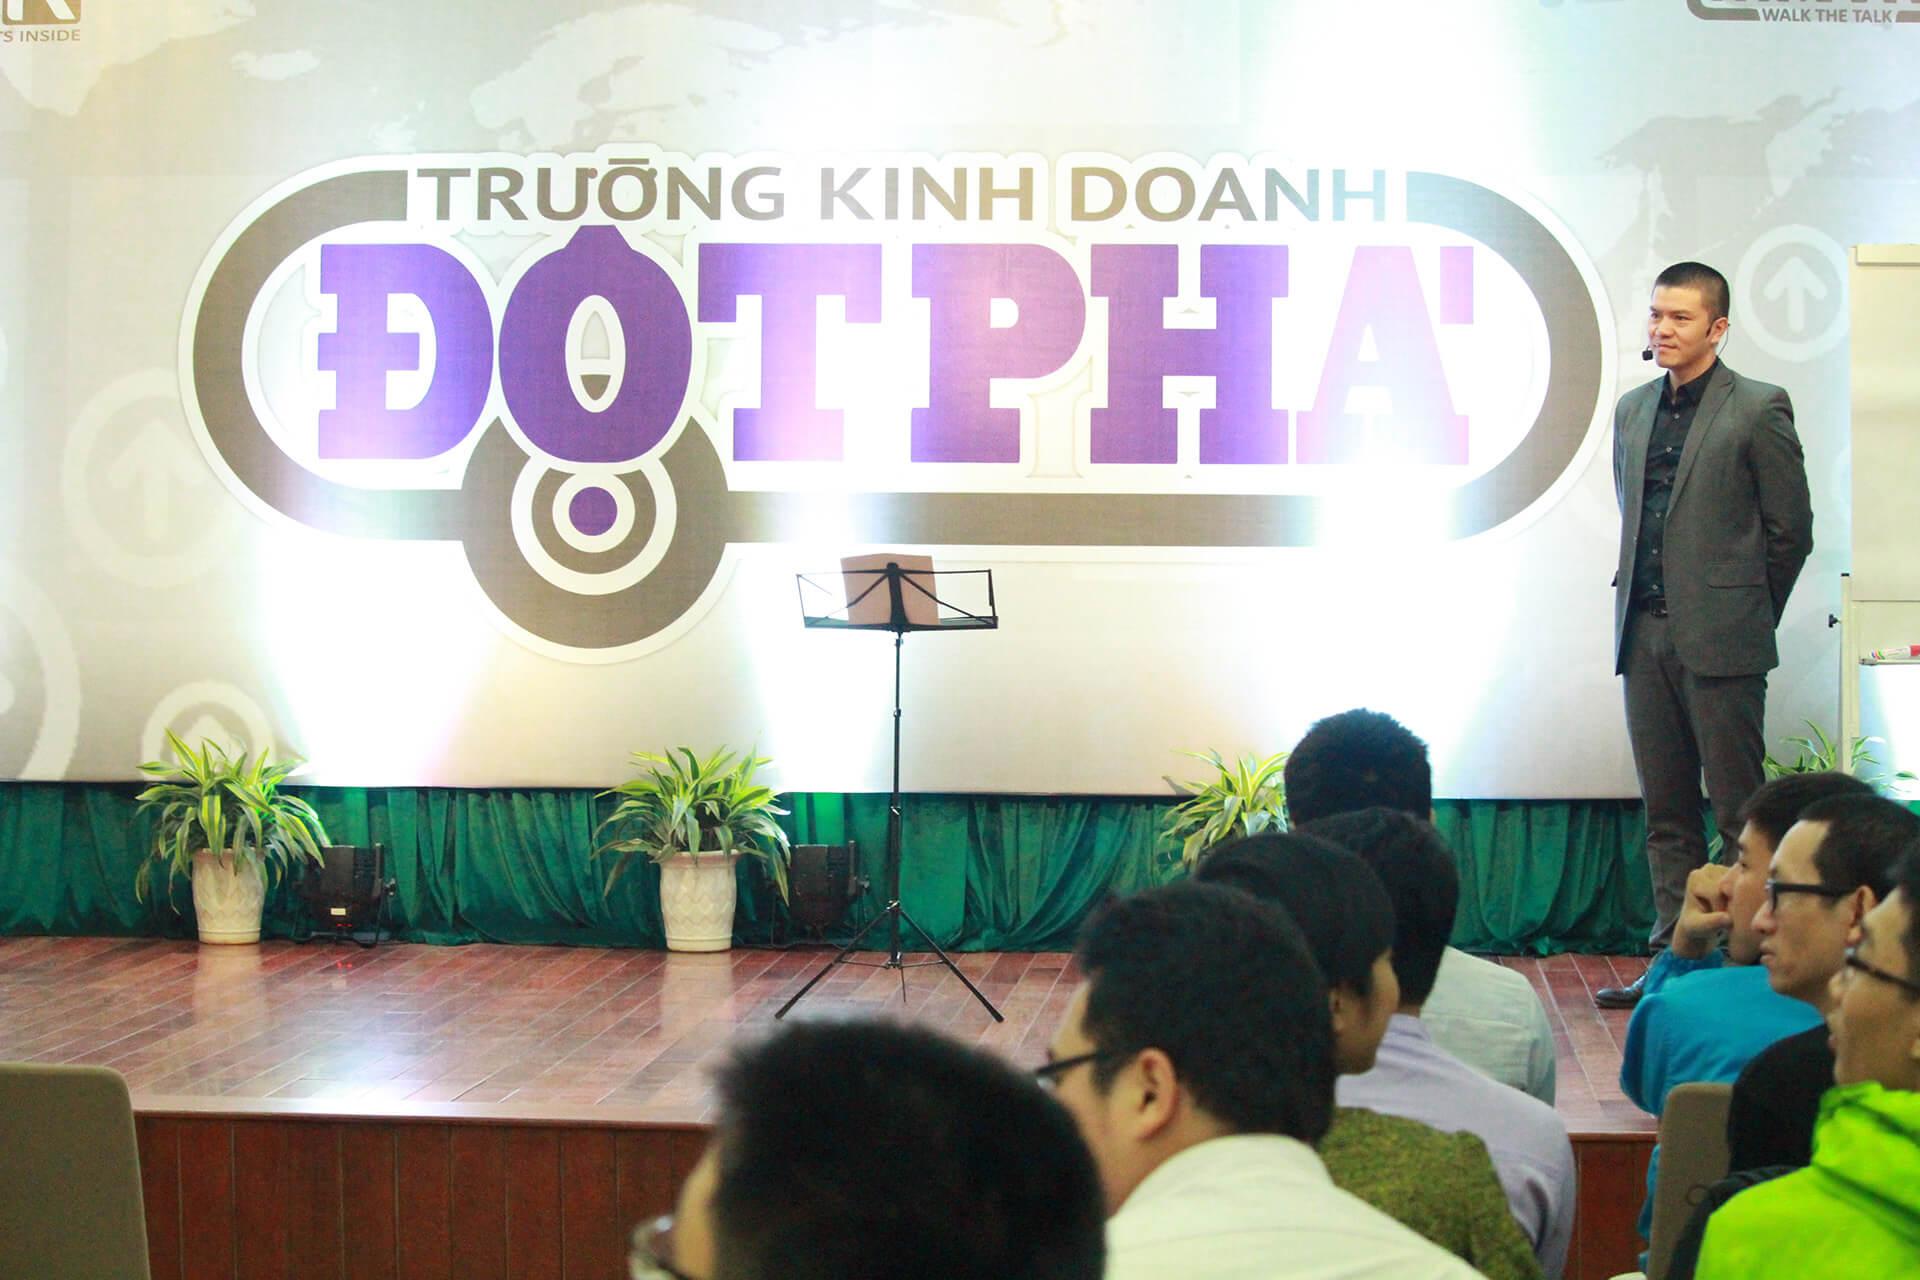 Thông báo địa điểm tổ chức khóa học TRƯỜNG KINH DOANH ĐỘT PHÁ 14-18/11/2018